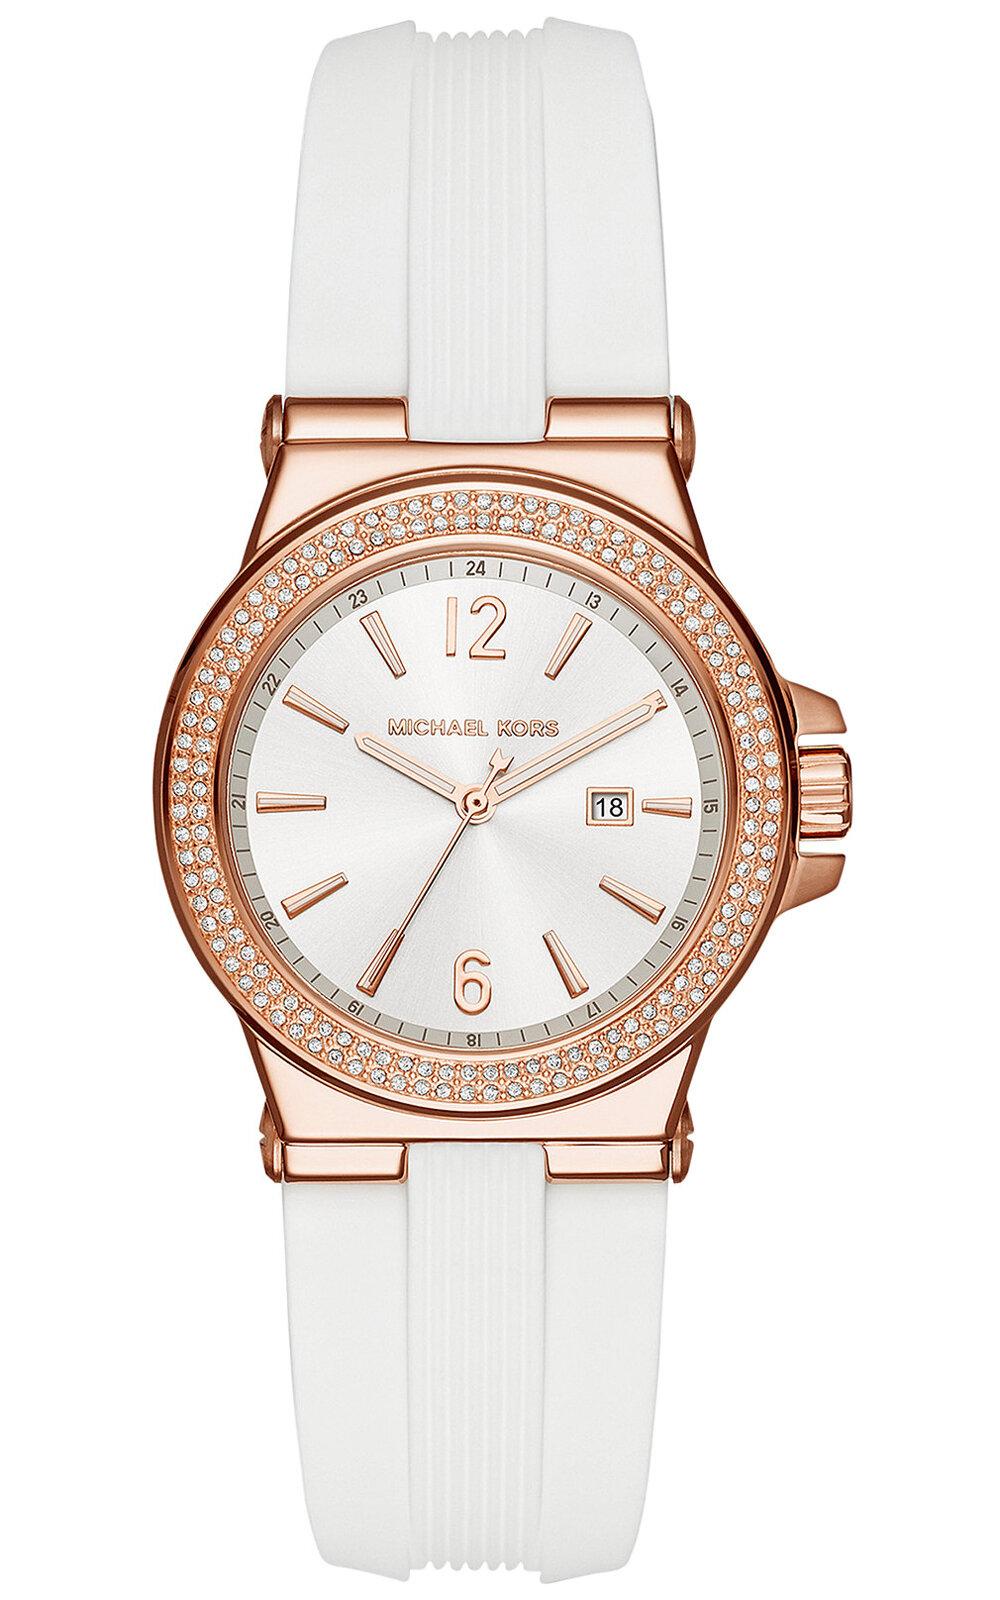 Đồng hồ nữ Michael Kors MK2491